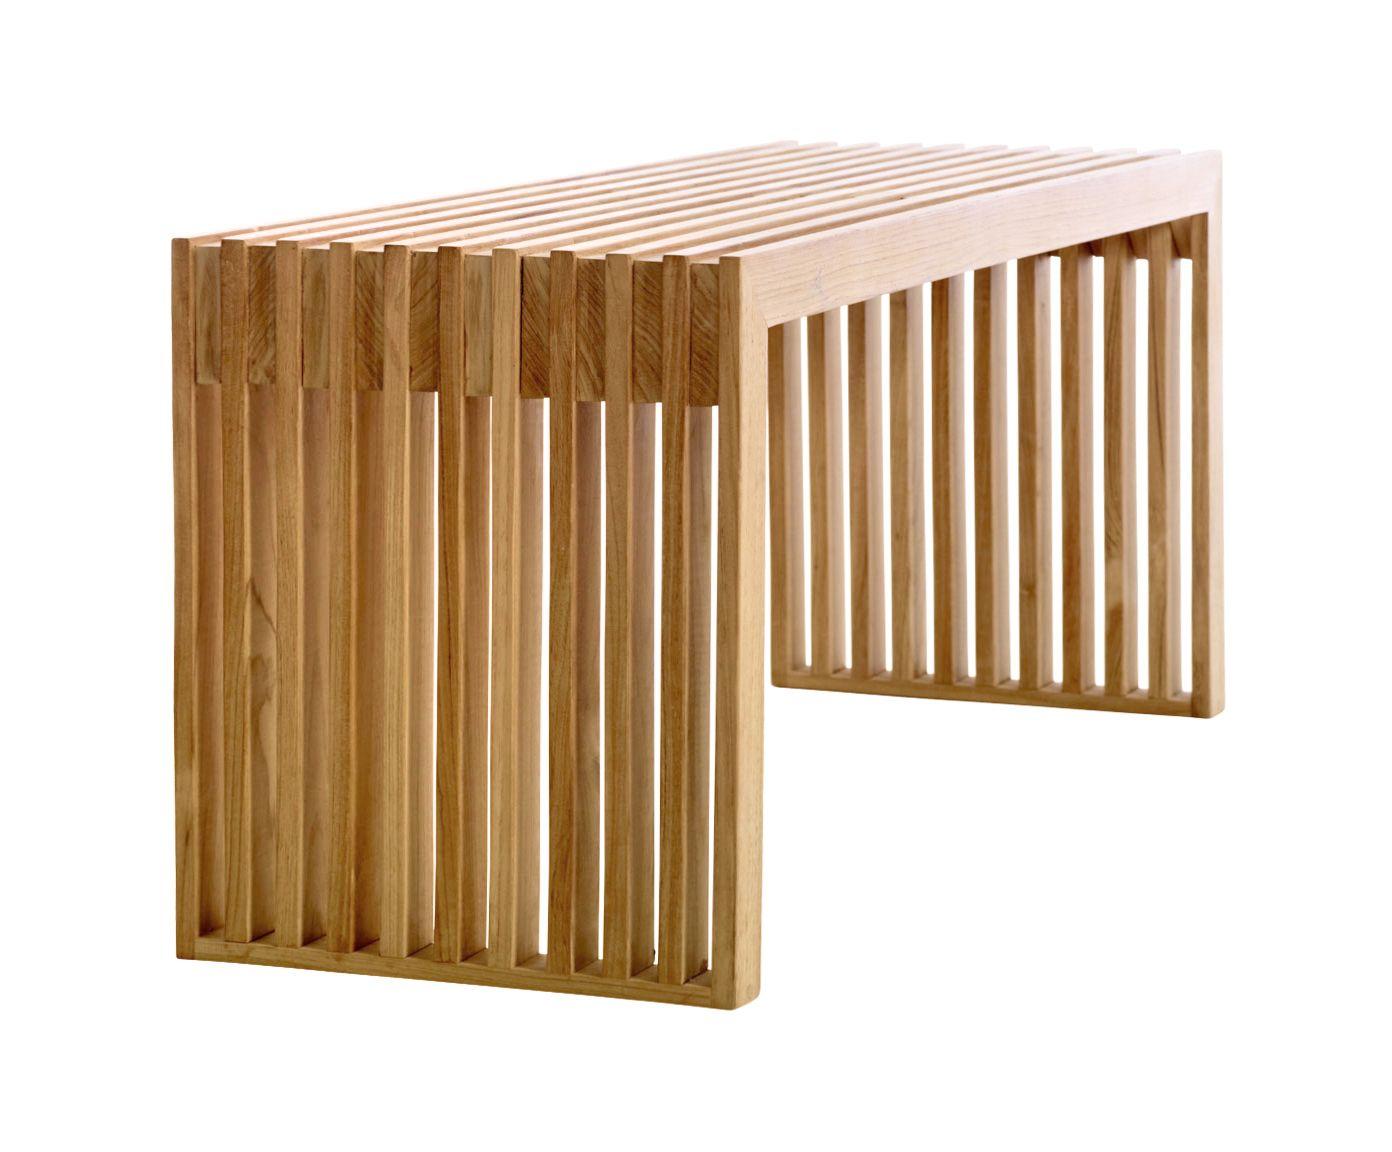 Teakholz Bank Rib In Modernem Design Westwingnow Teak Holz Teak Teakholz